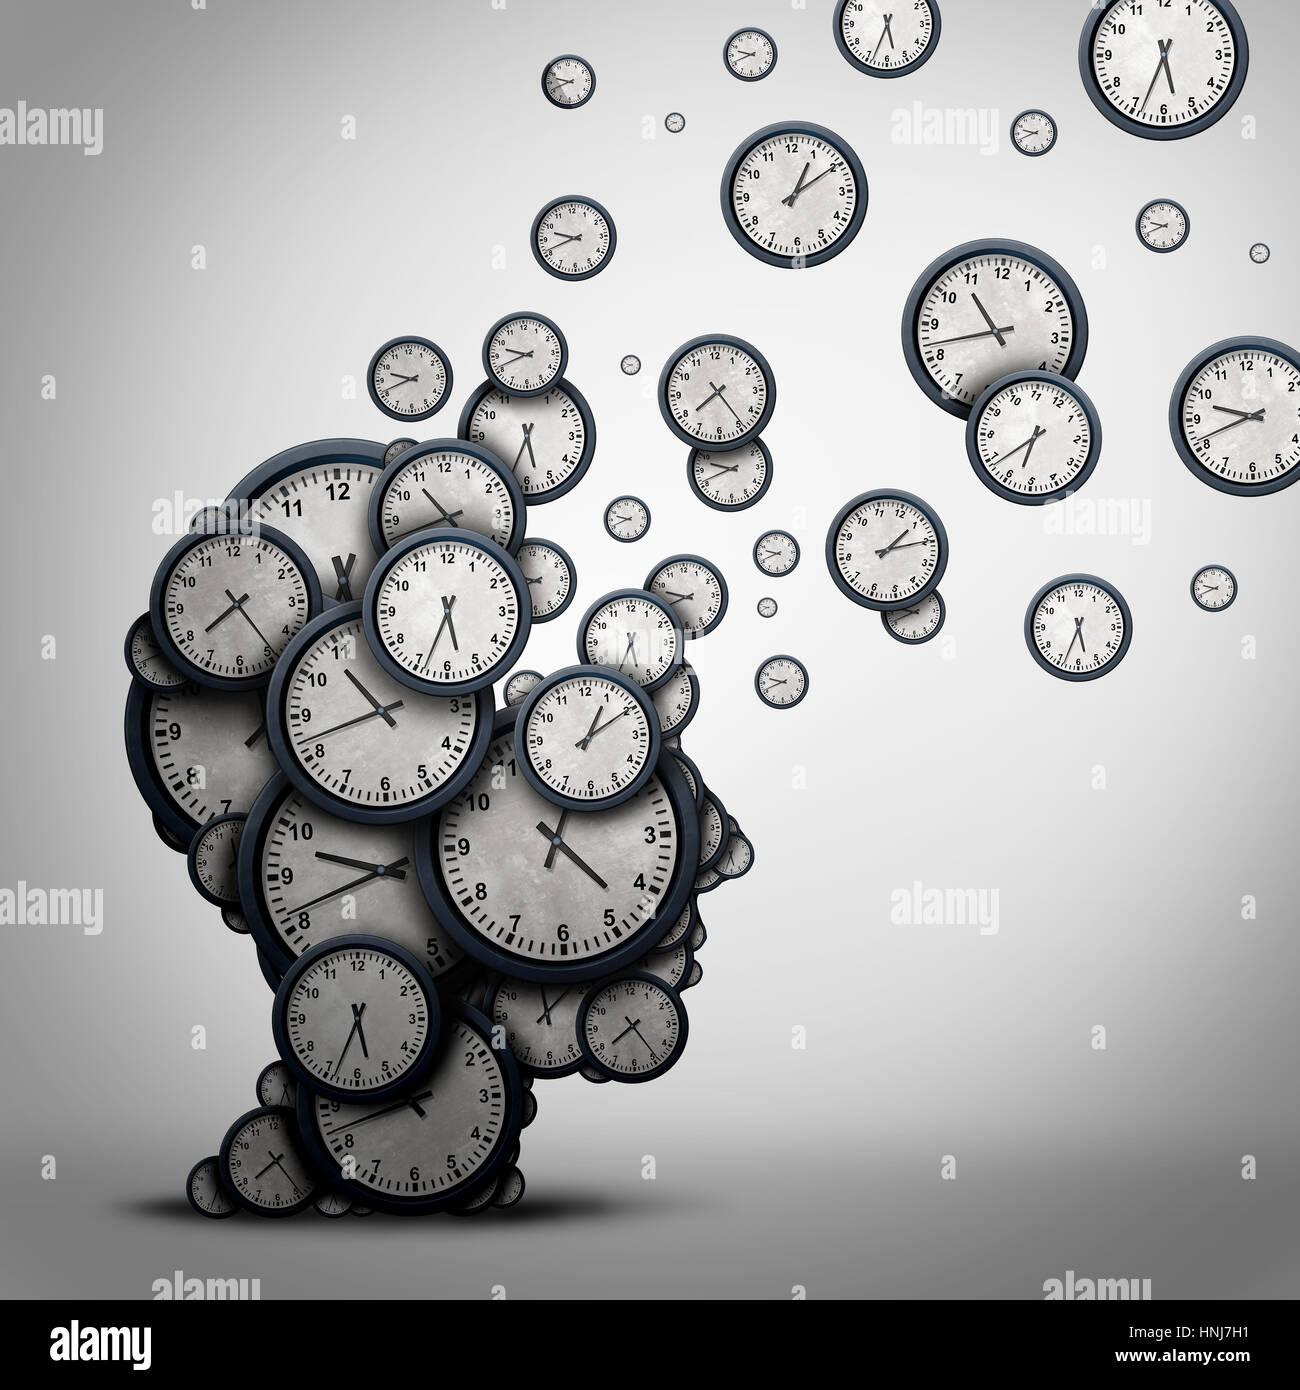 Pianificazione del tempo la concezione di business o spreco di minuti come un gruppo di orologi o orologi a forma Immagini Stock